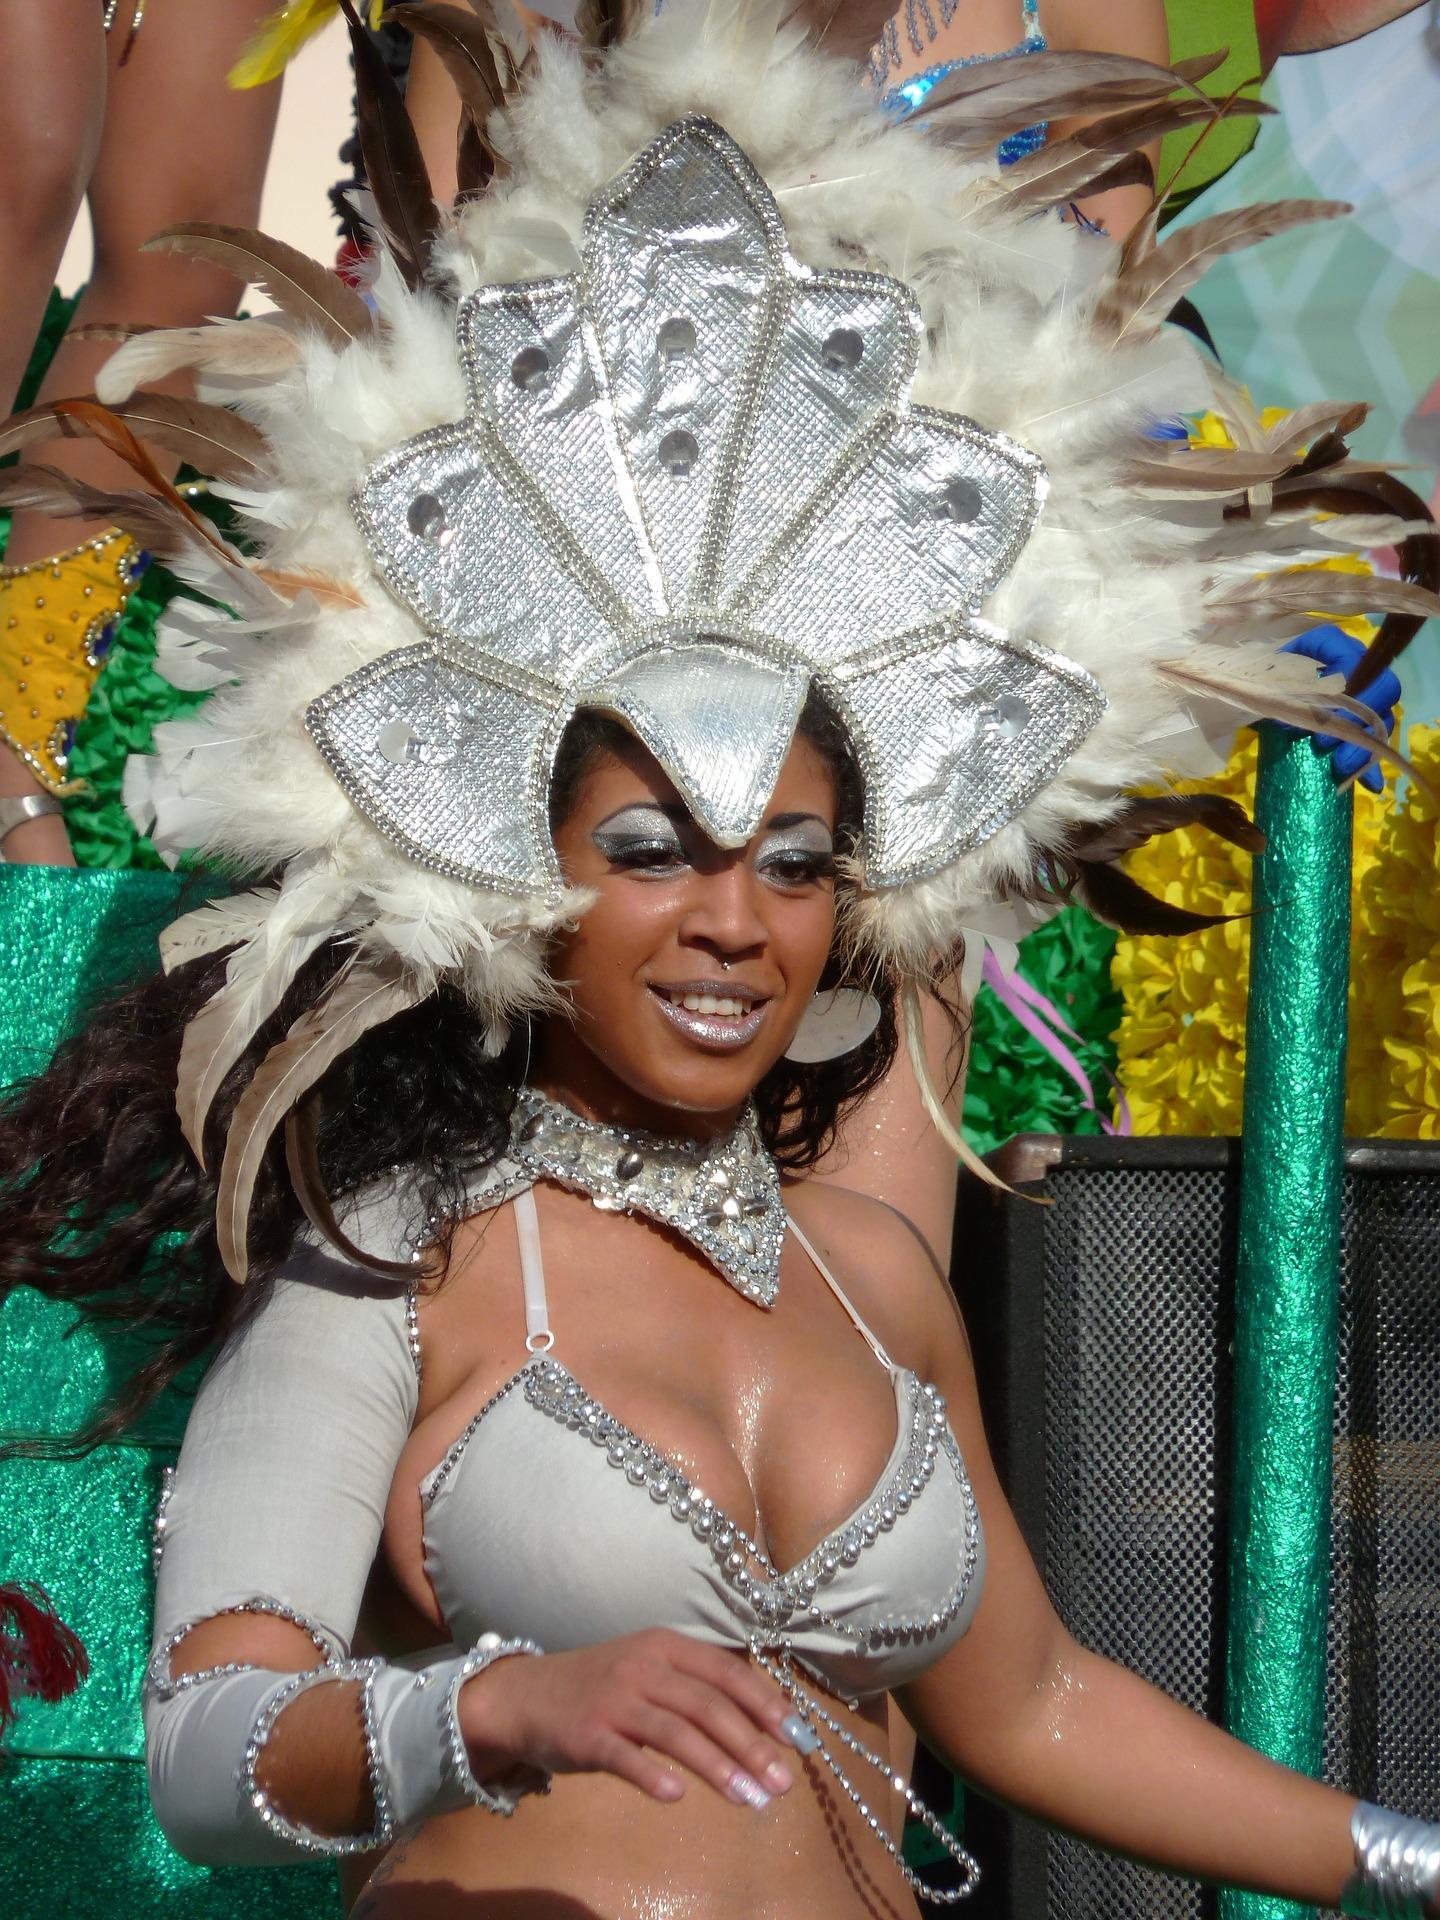 carnival-1806244_1920.jpg